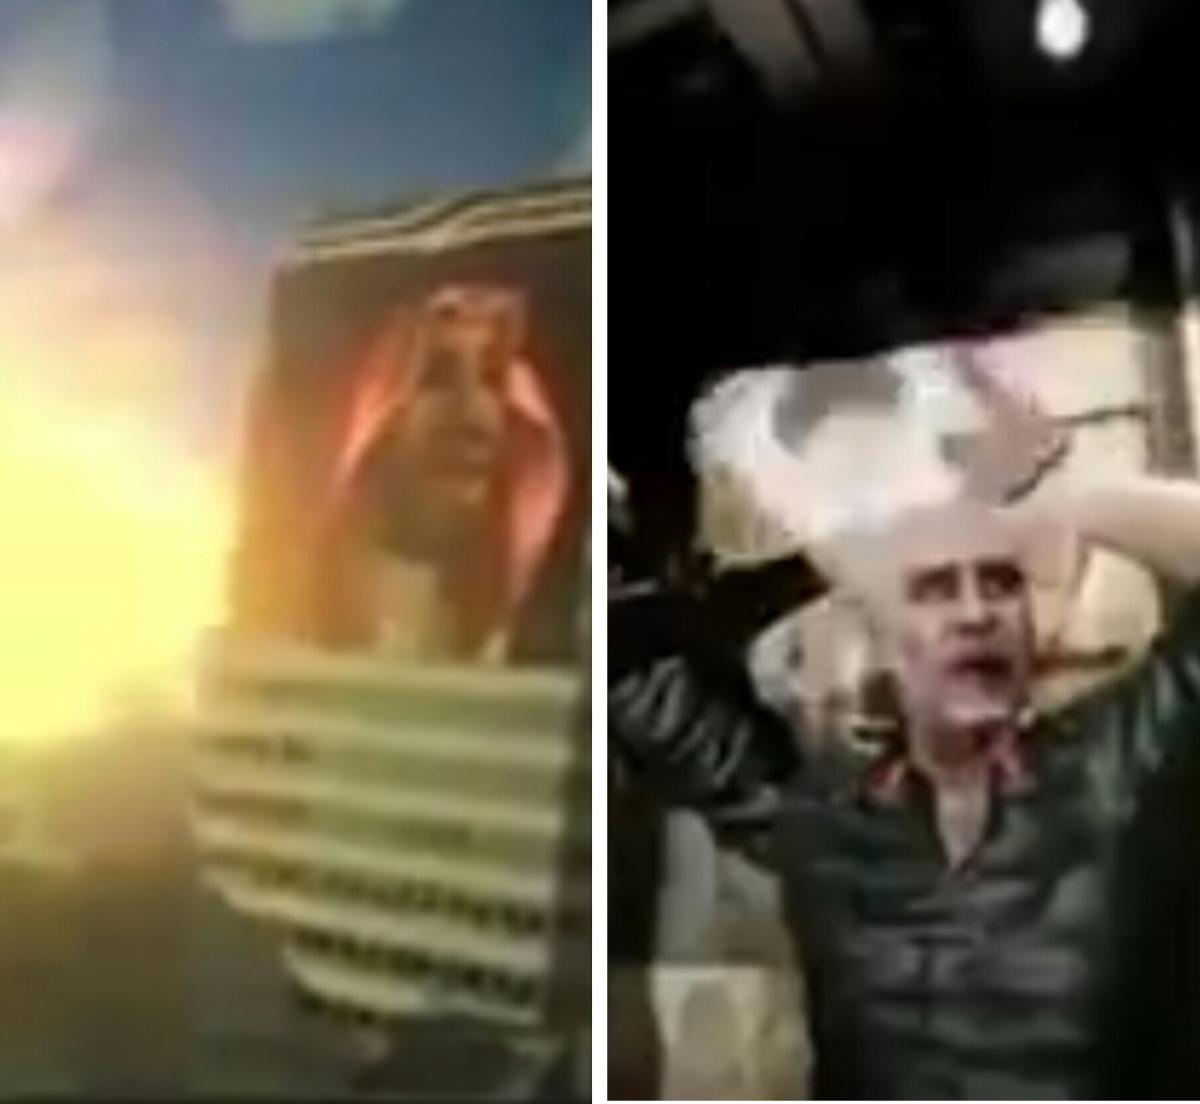 بالفيديو : السعودية تقتل قاسم سليماني بفيلم ...وايران ترد بتدمير الرياض على رأس بن سلمان بفيلم آخر ..